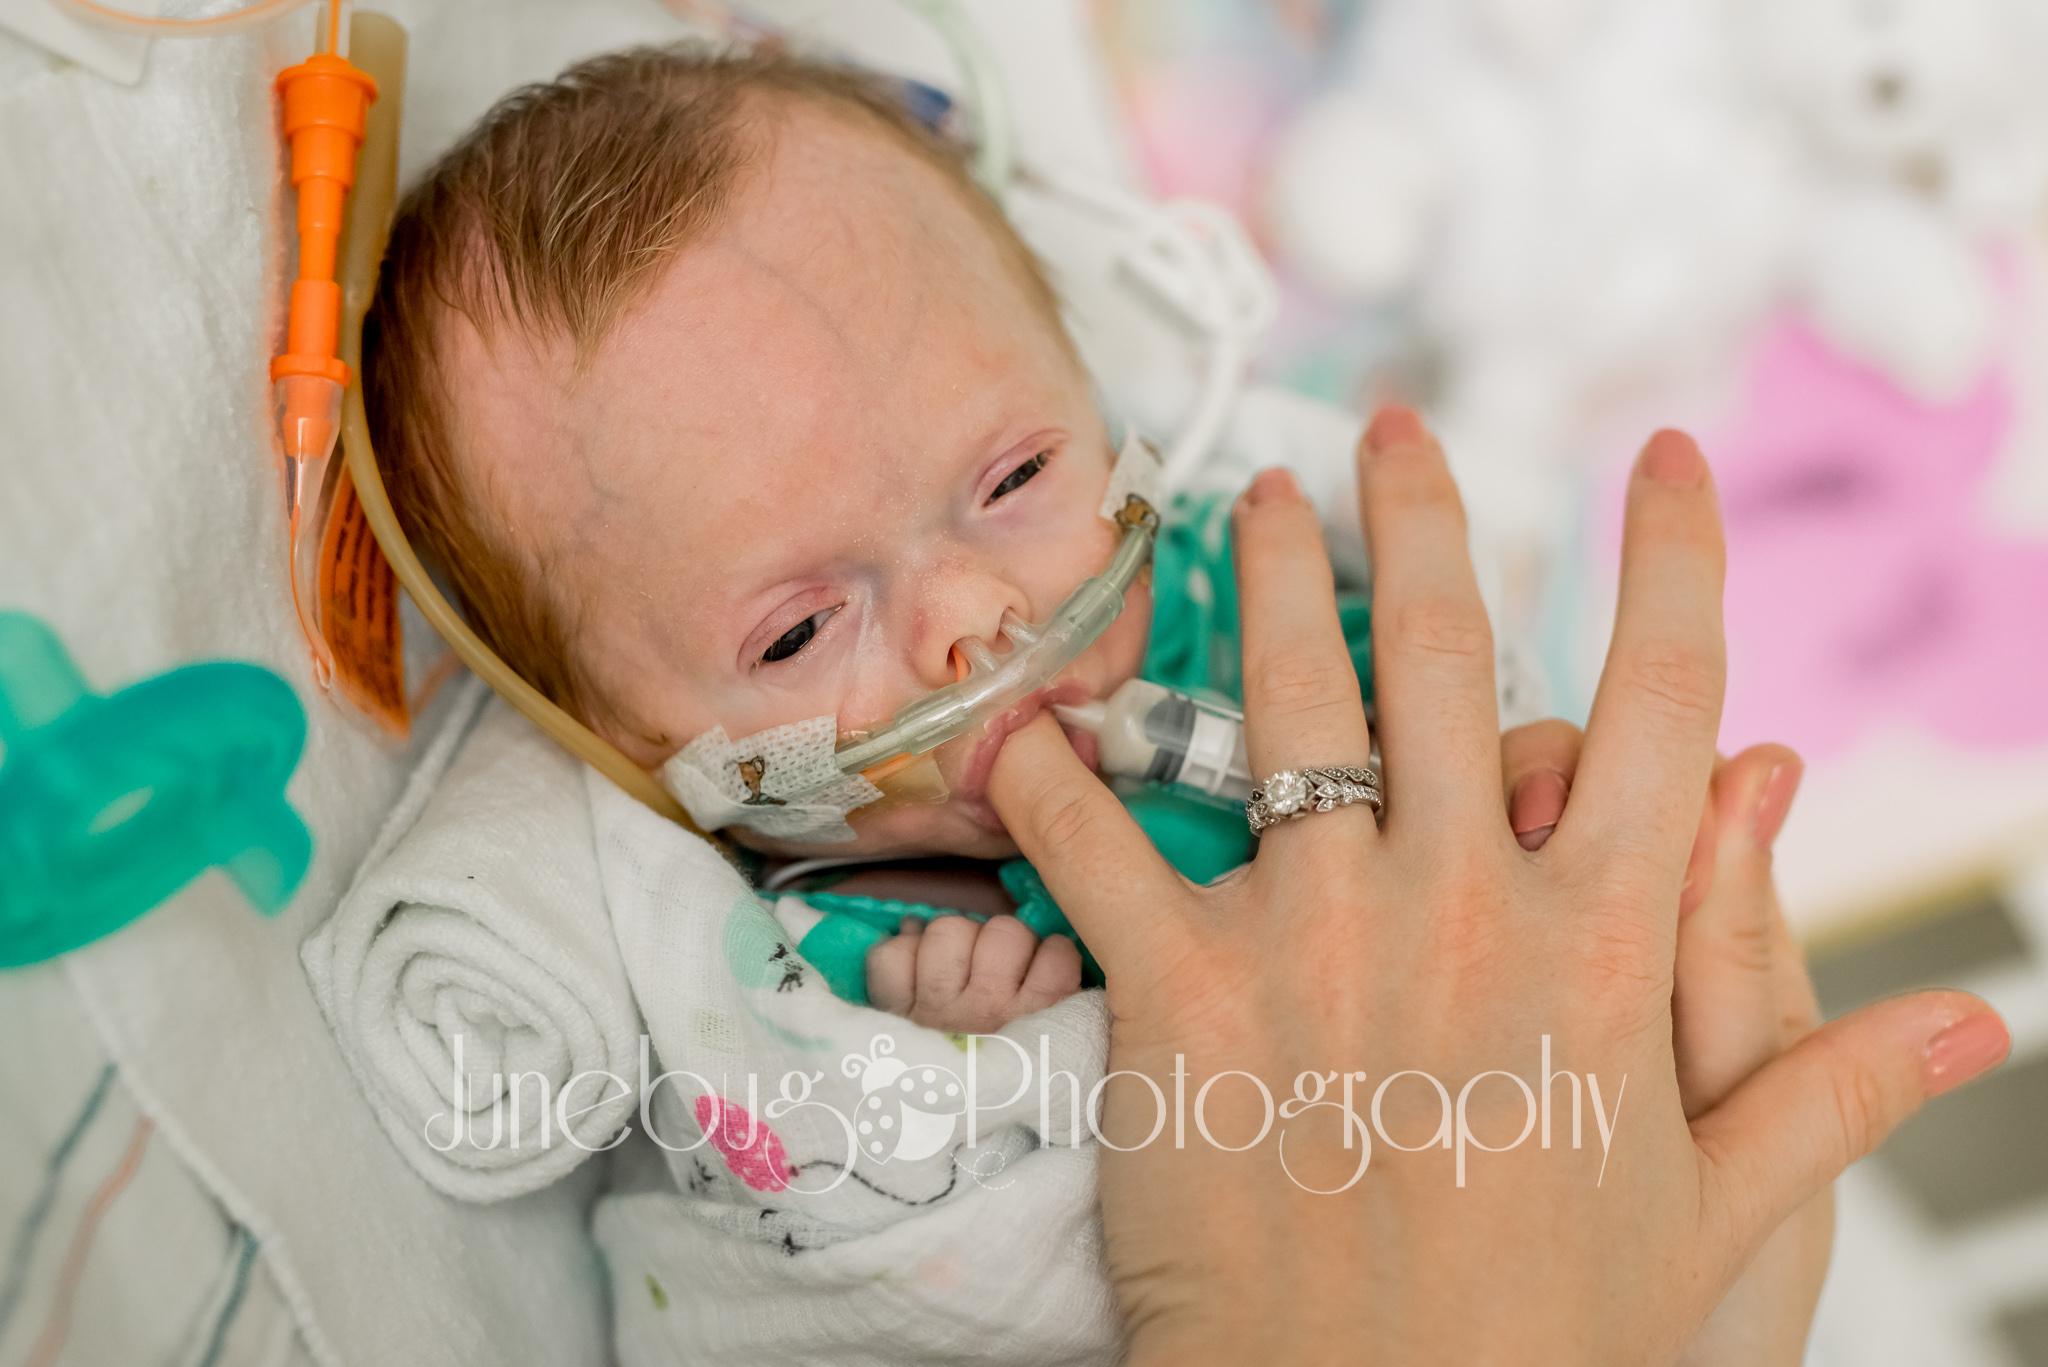 Mom, Lauren, feeding baby Emilee through a syringe.